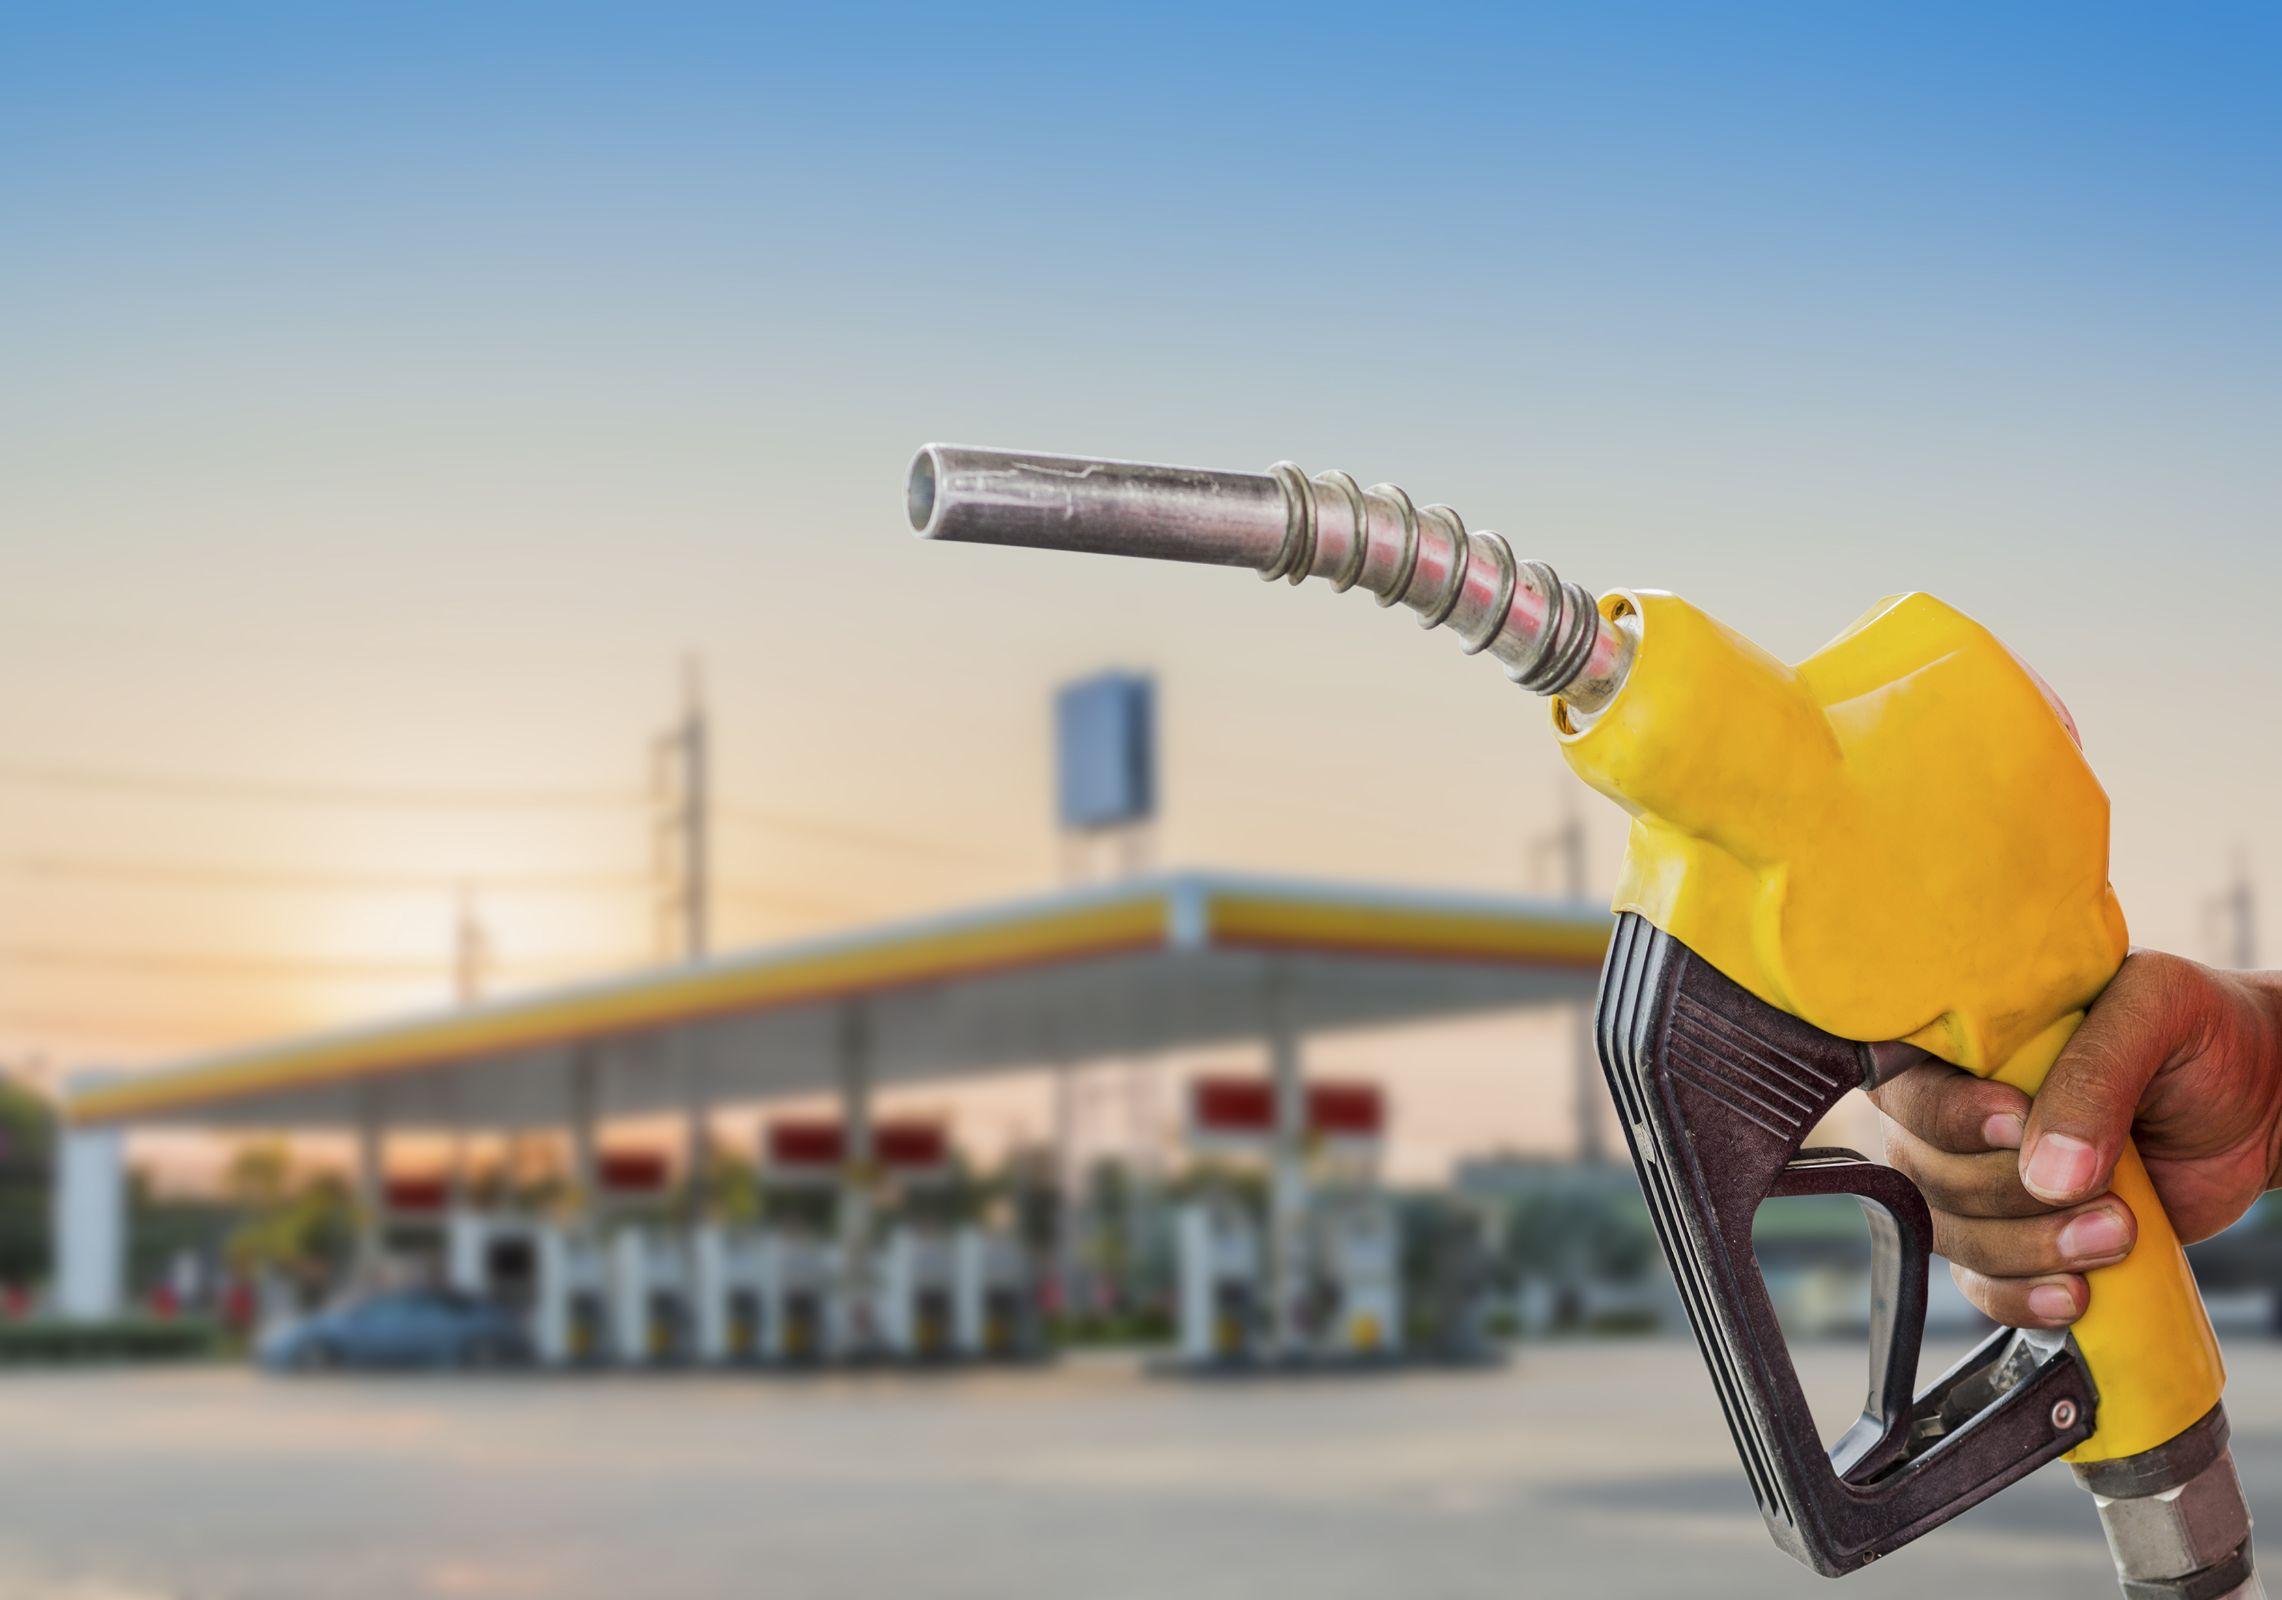 Posto de combustível preço nova gasolina etanol mangueira abastecimento